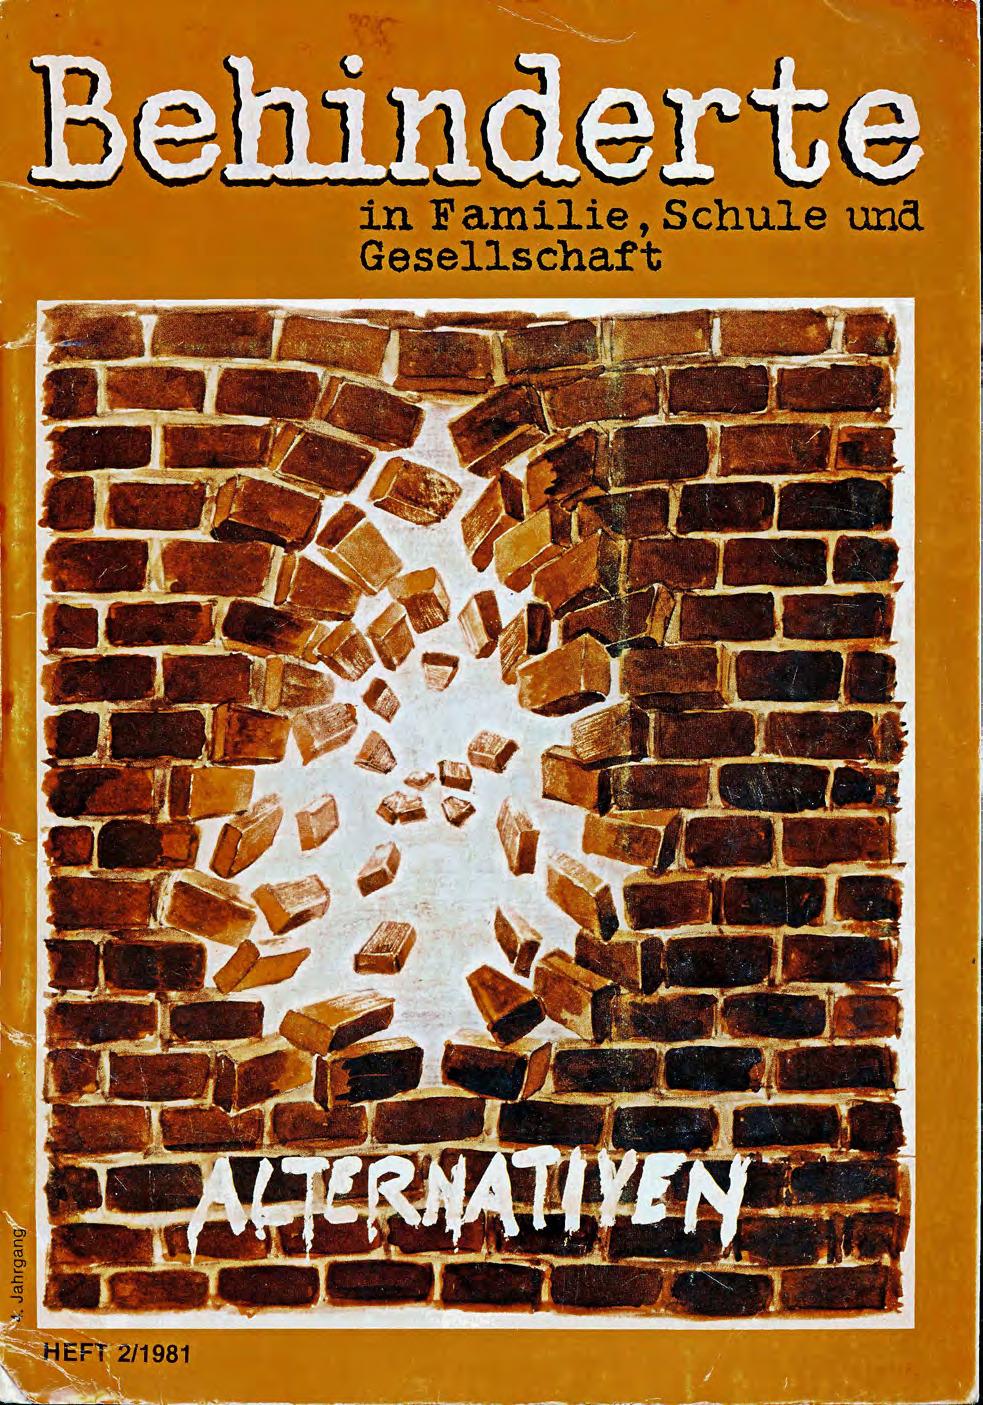 """Titelbild der Zeitschrift BEHINDERTE MENSCHEN, Ausgabe 2/1981 """"Alternativen"""""""